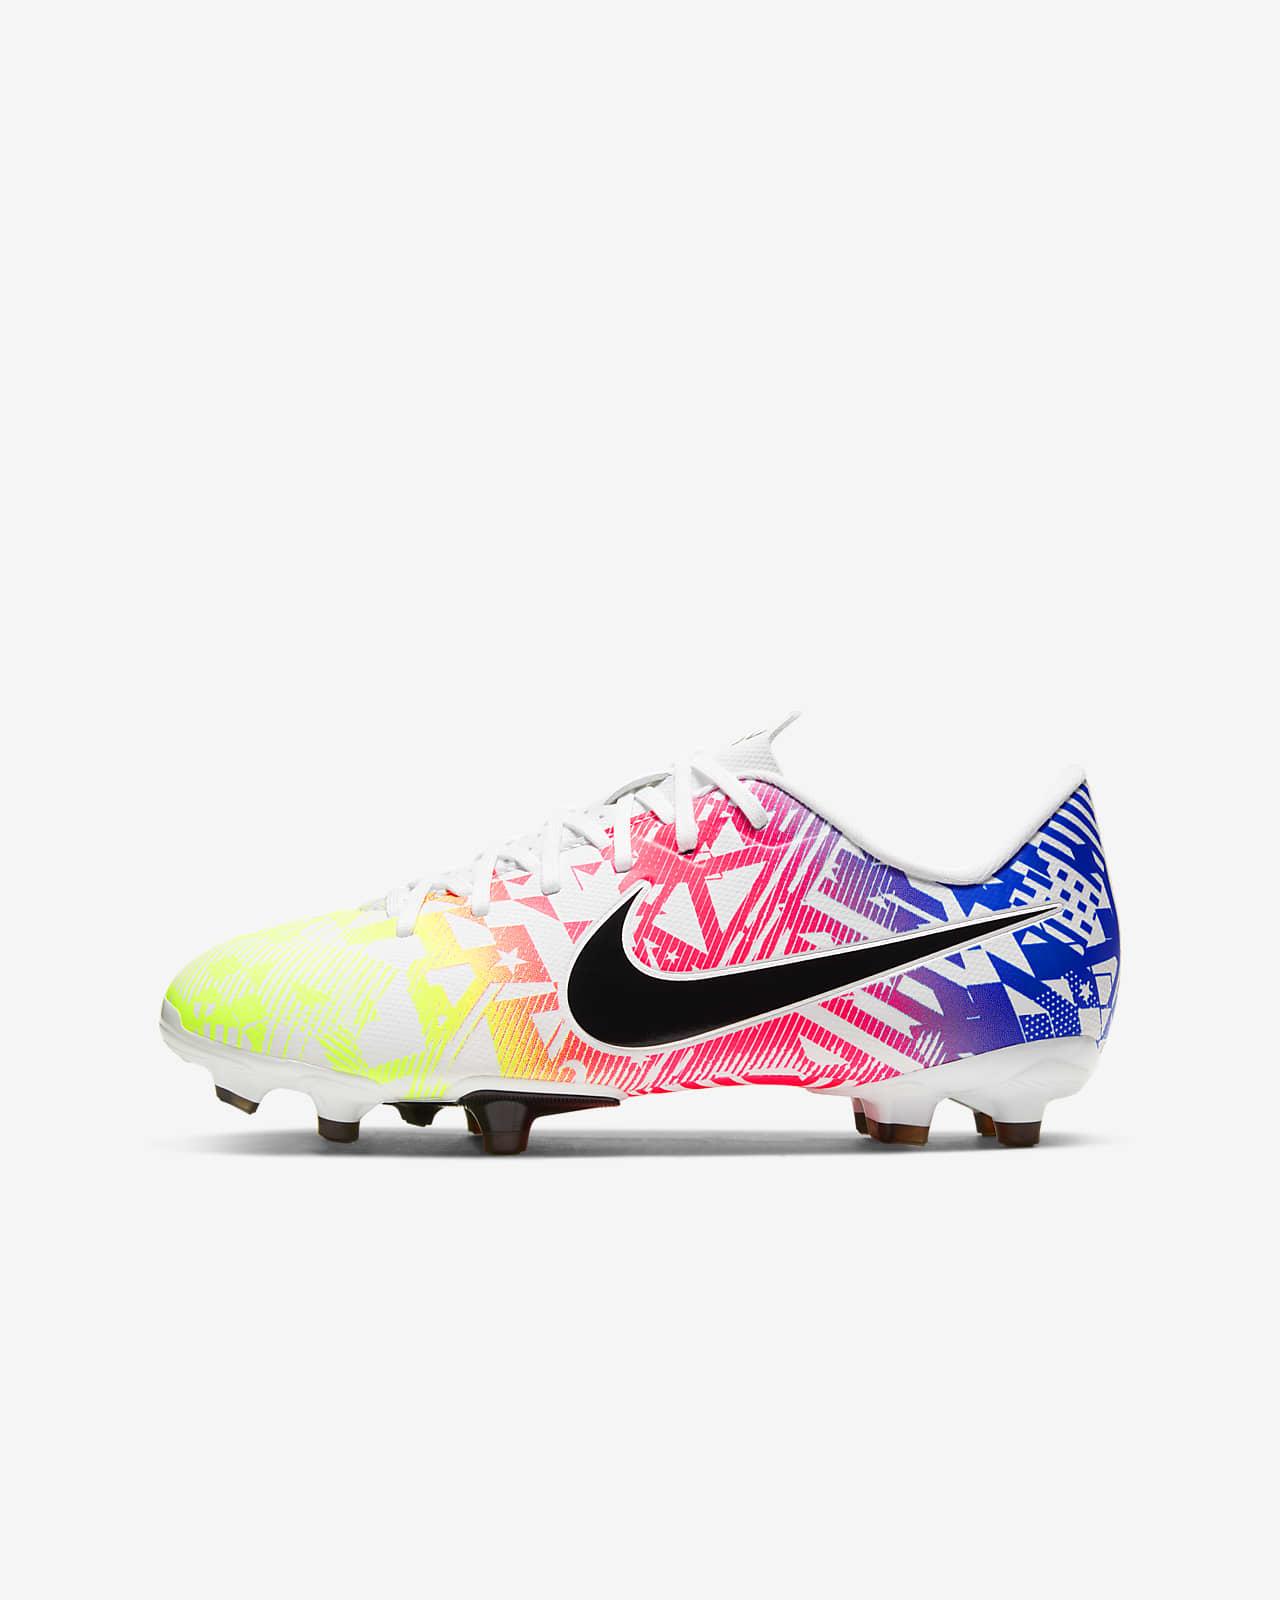 Nike Mercurial Vapor 13 Academy Neymar Jr. AG fotballsko til